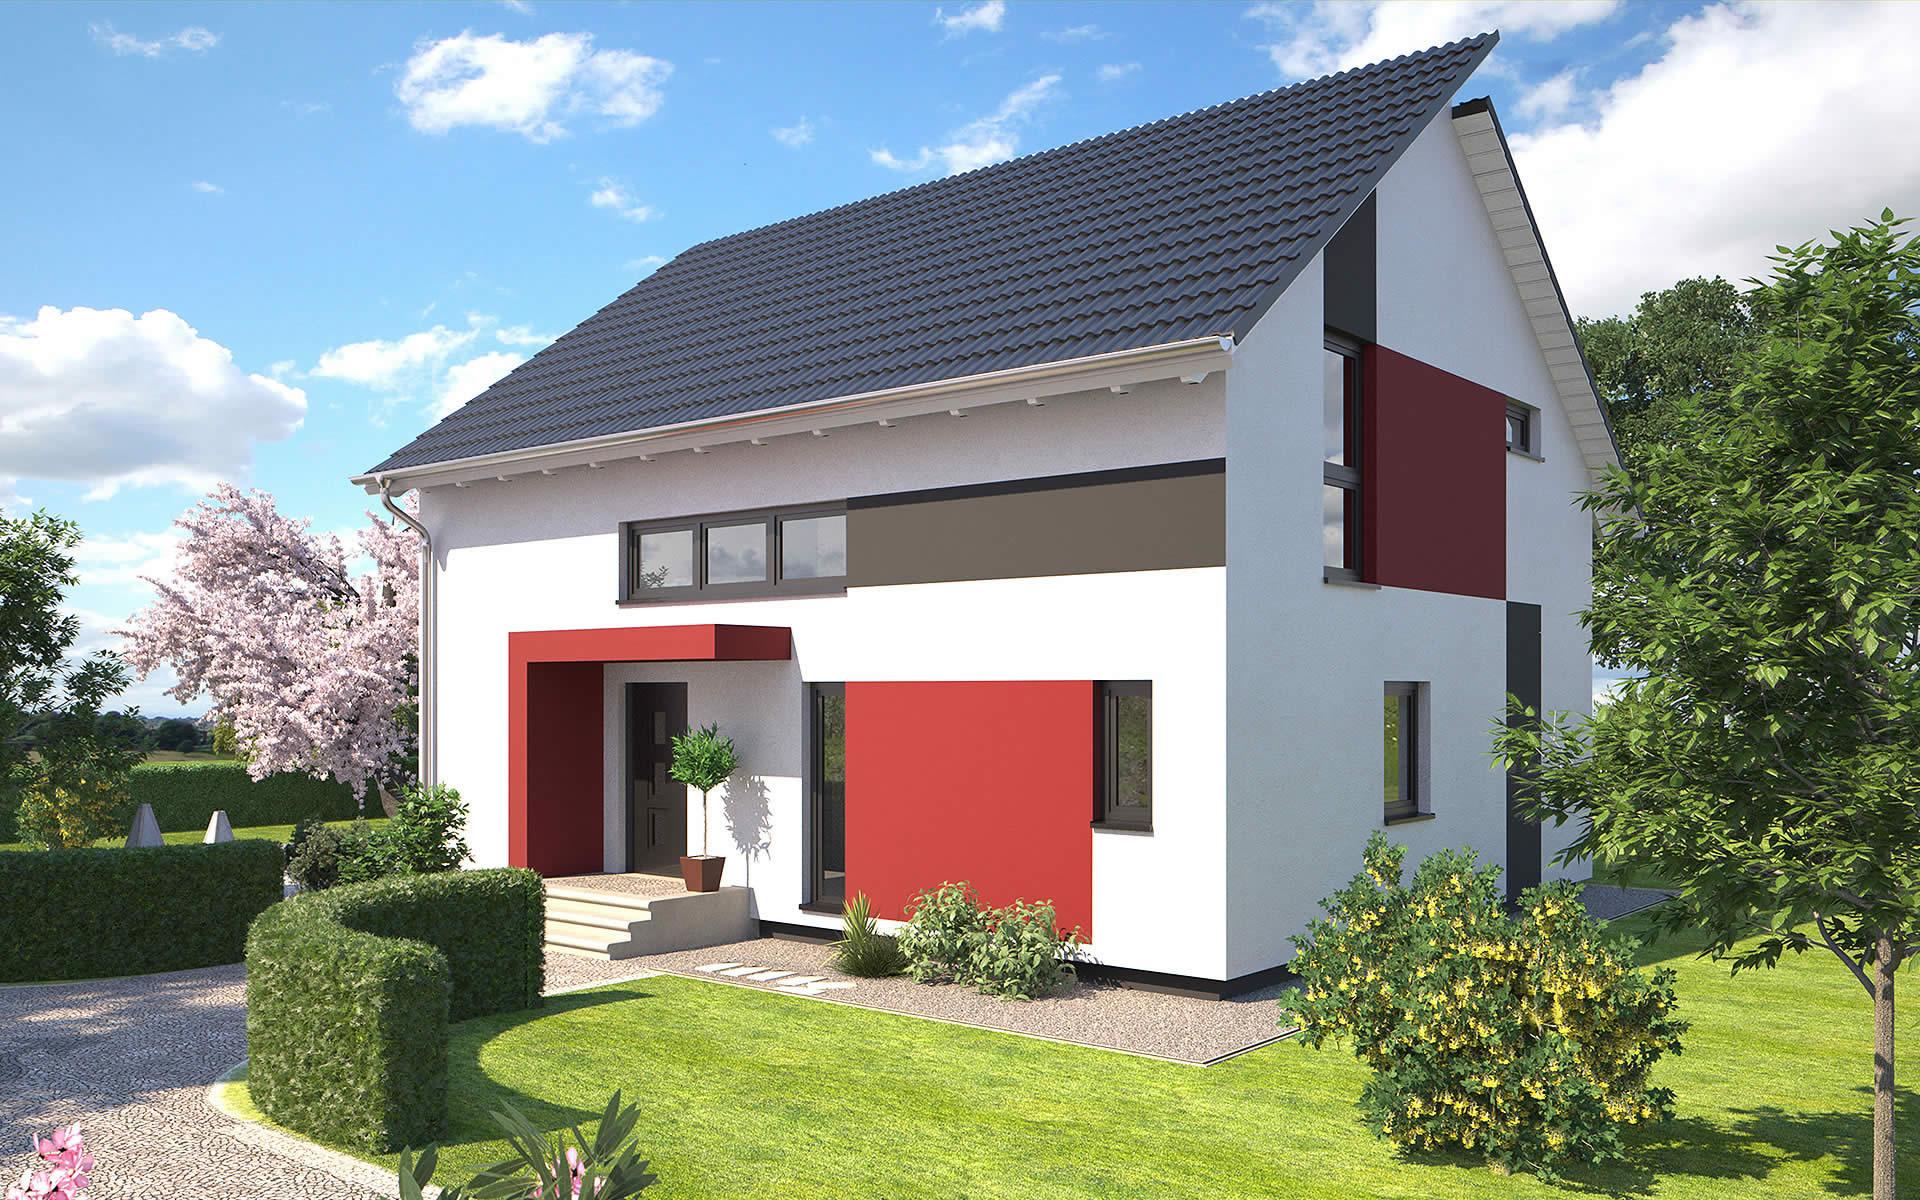 Esprit 155 von Bärenhaus - das fertige Haus GmbH